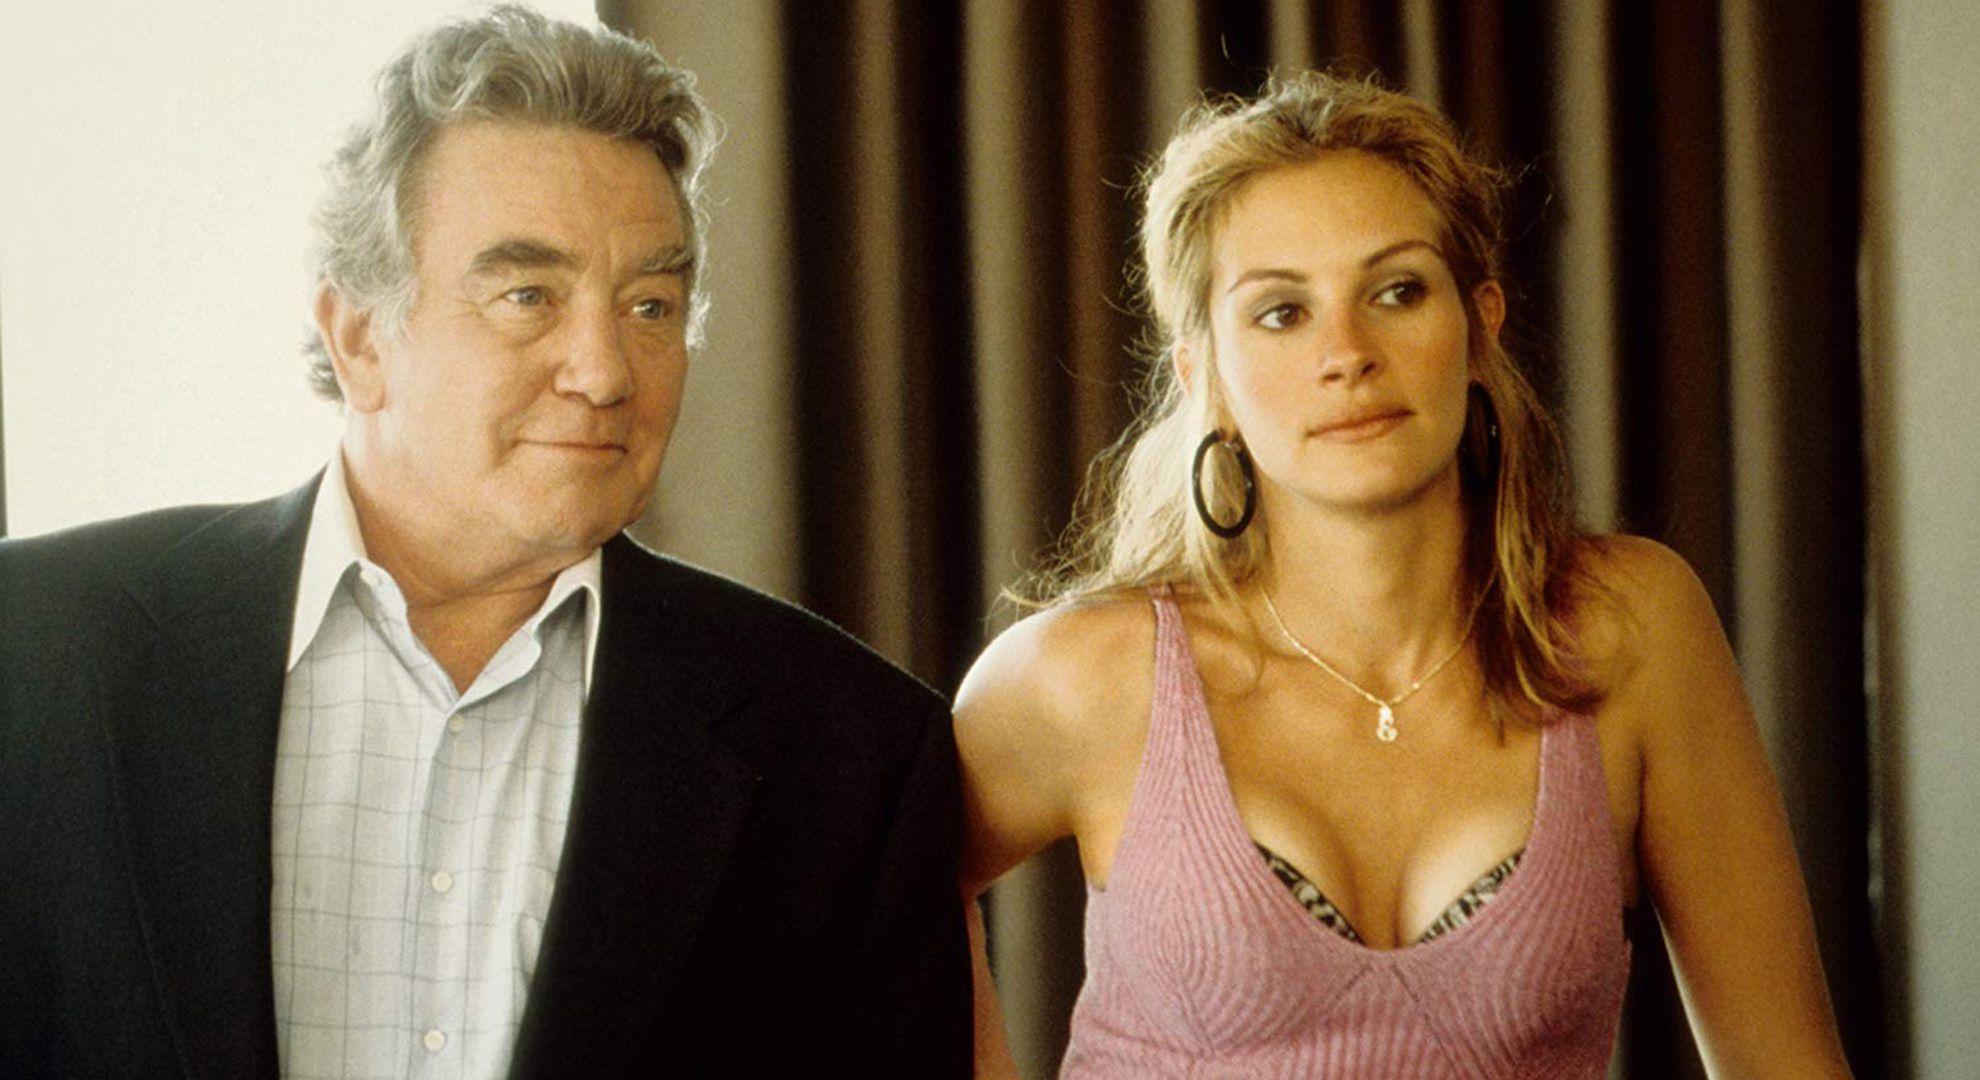 En su momento más bomba, Julia Roberts encarnó a Erin Brockovich en la película homónima de Steven Soderberg (2000): una madre soltera que lucha contra la desidia para salvar el pueblo donde vive.